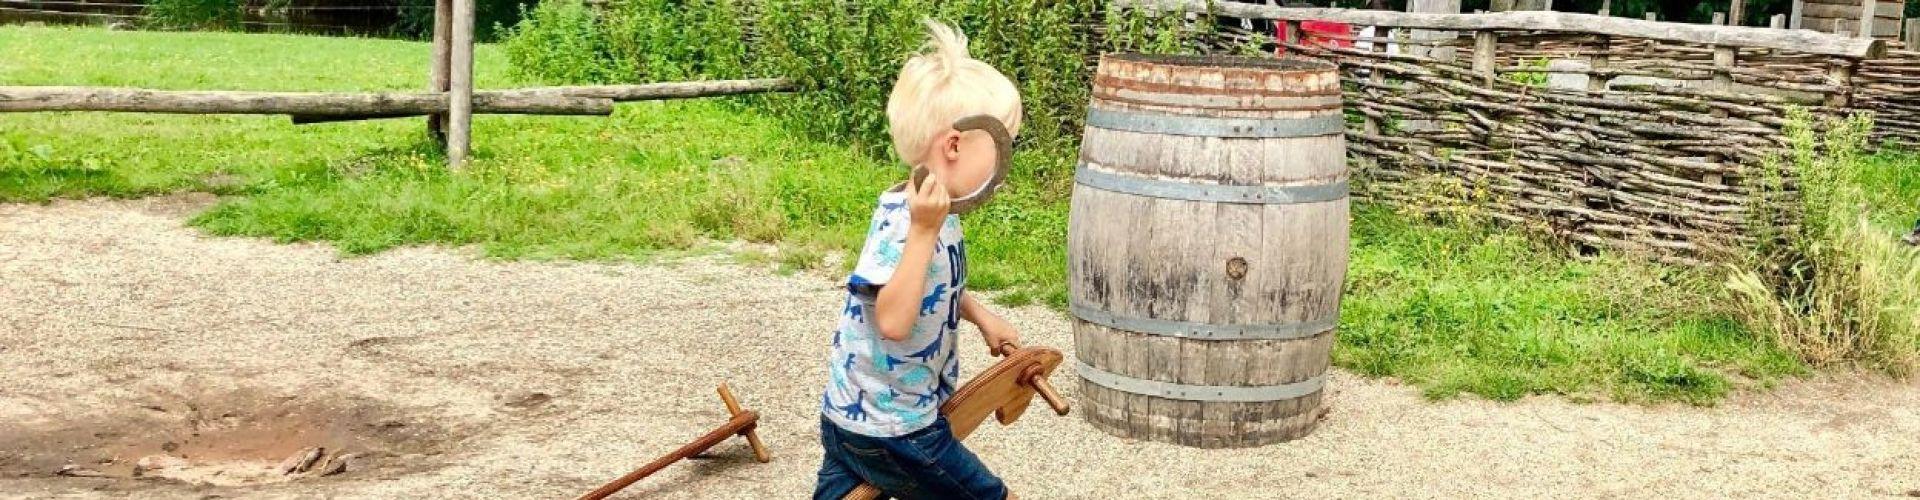 Wat zijn leuke uitjes in Zuid-Holland met kinderen?